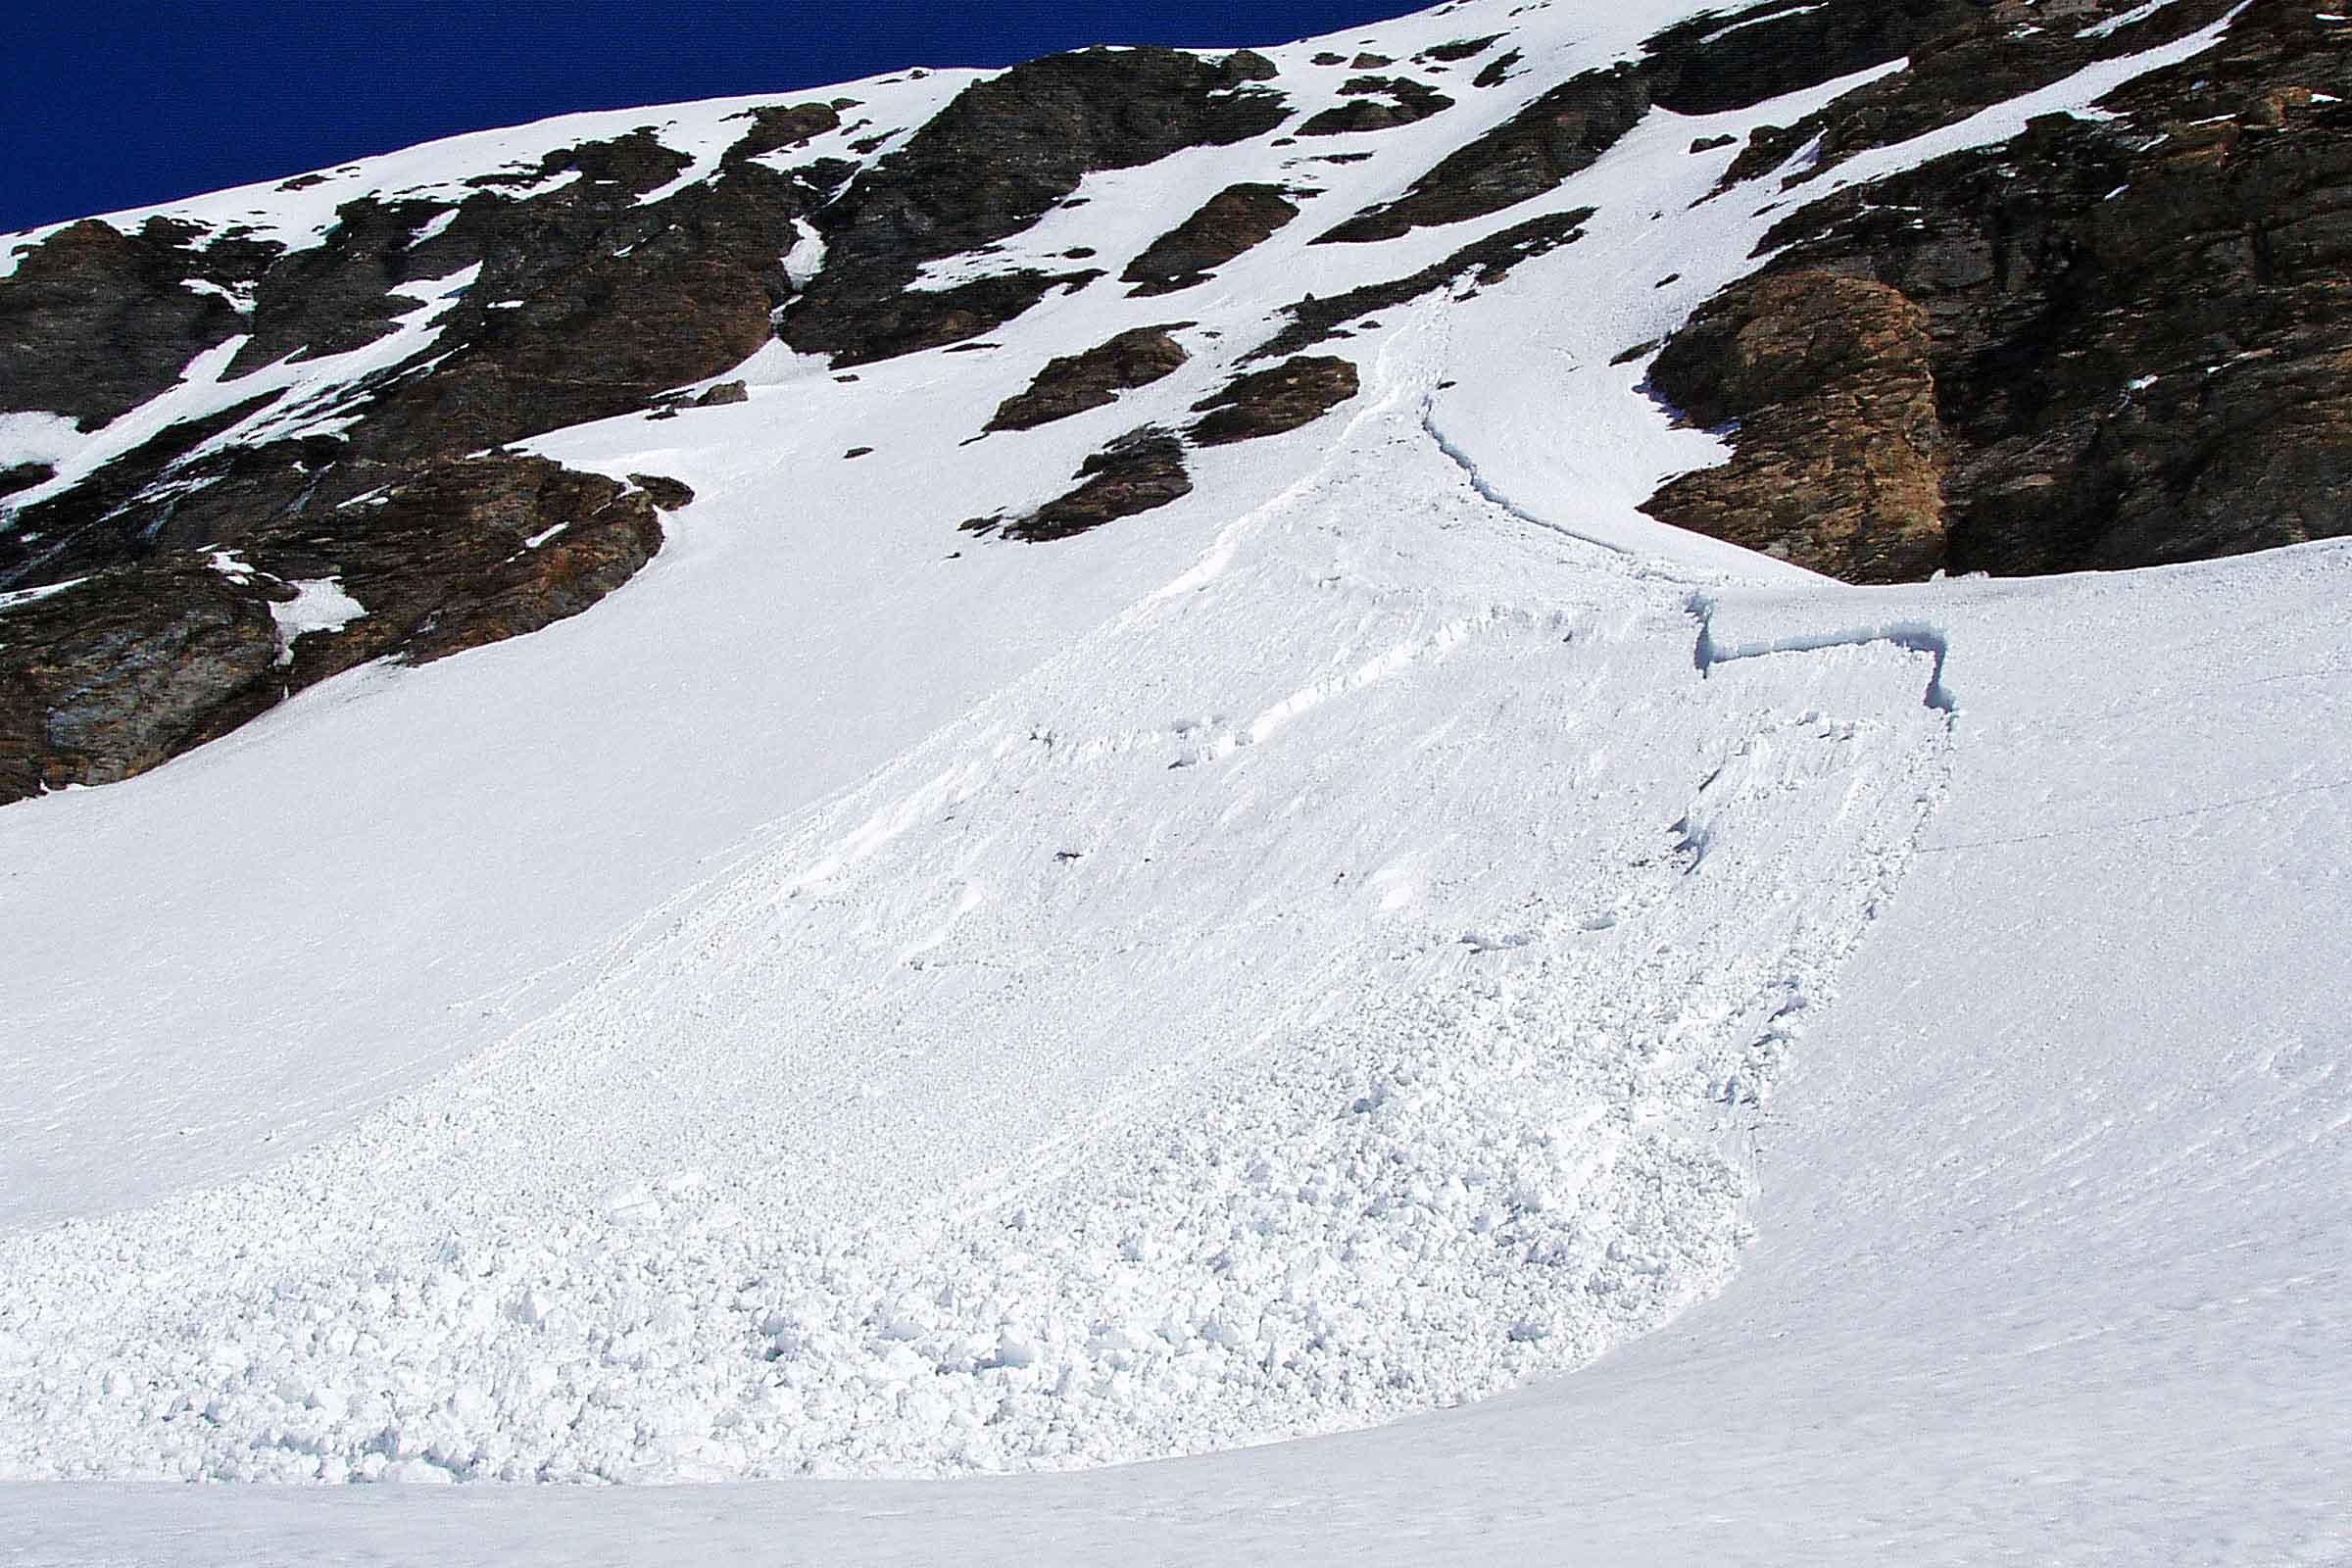 avalanche de neige issu d'un seul point et impliquant la neige mouillée en fin de saison